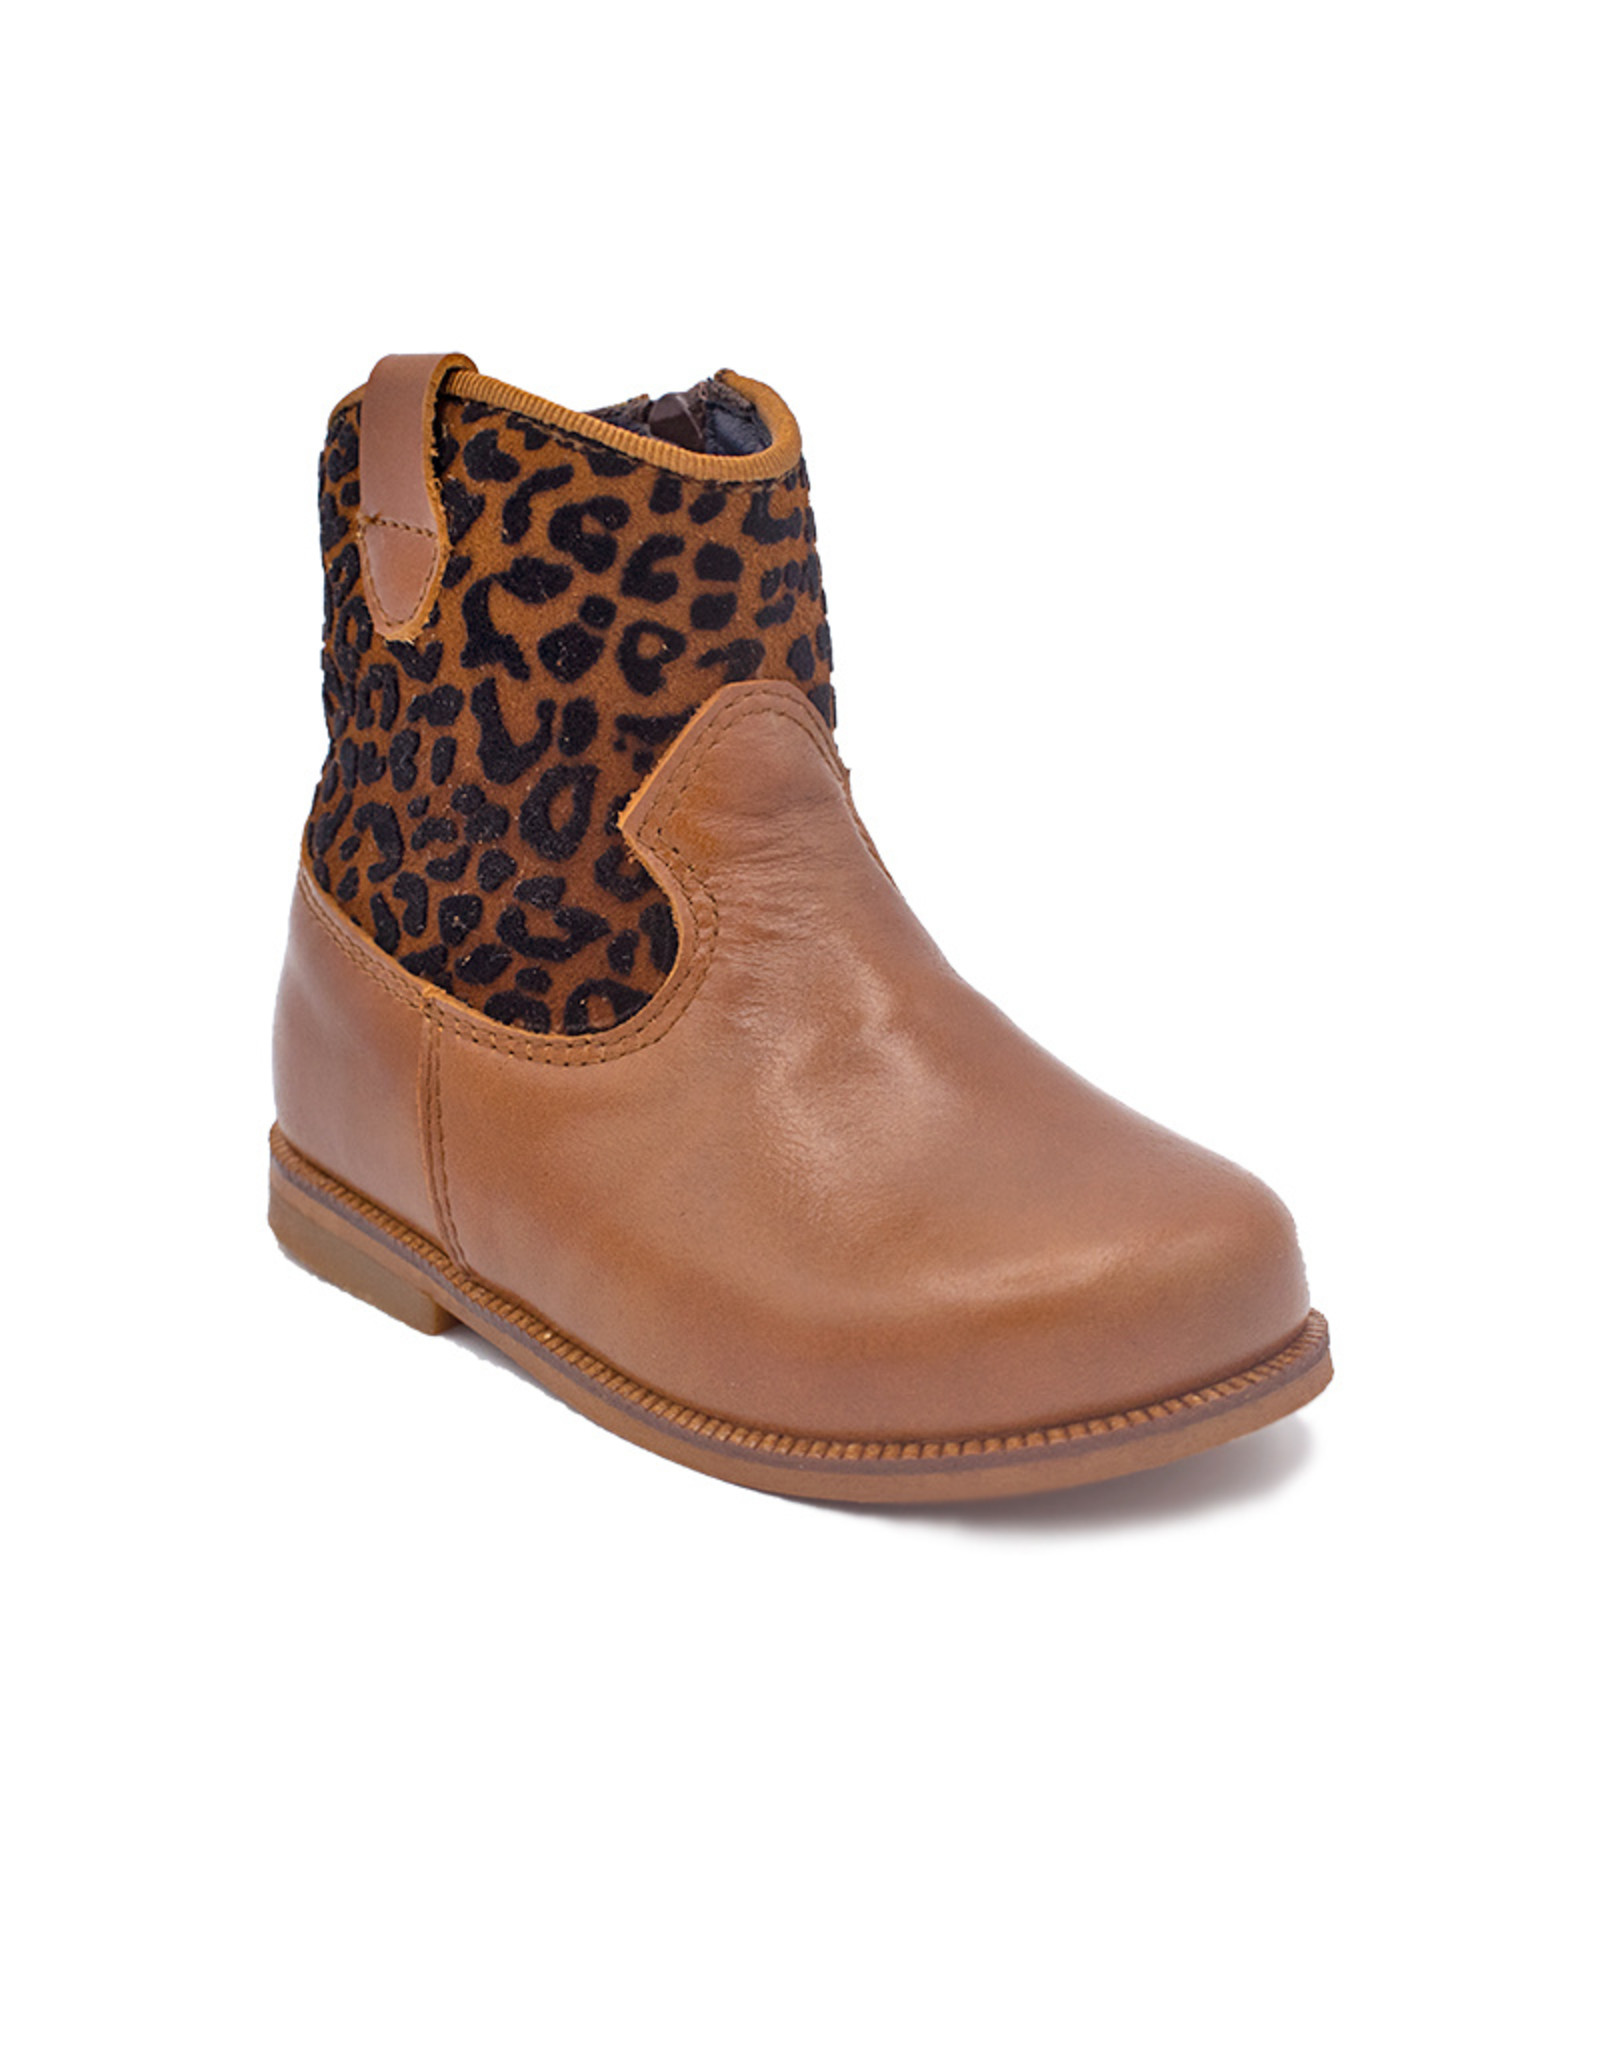 CLARYS CLARYS laars camel luipaard